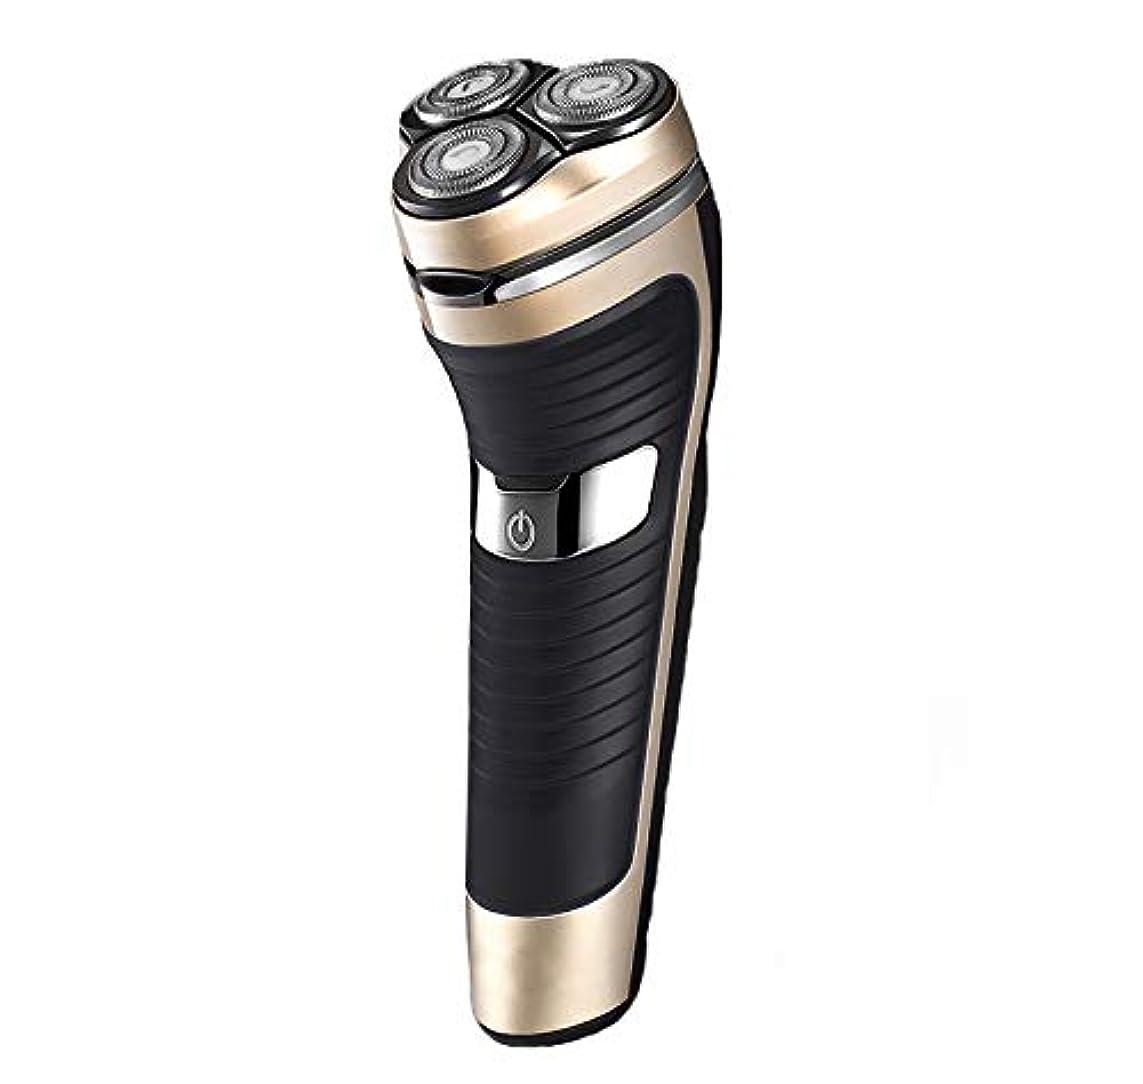 まっすぐにするしたがってカートンひげそり 電動 メンズシェーバー,USB充電式 髭剃り 電気シェーバー 回転式 電気シェーバー IPX7防水 持ち運び便利 お風呂剃り丸洗い可 旅行用 家庭用